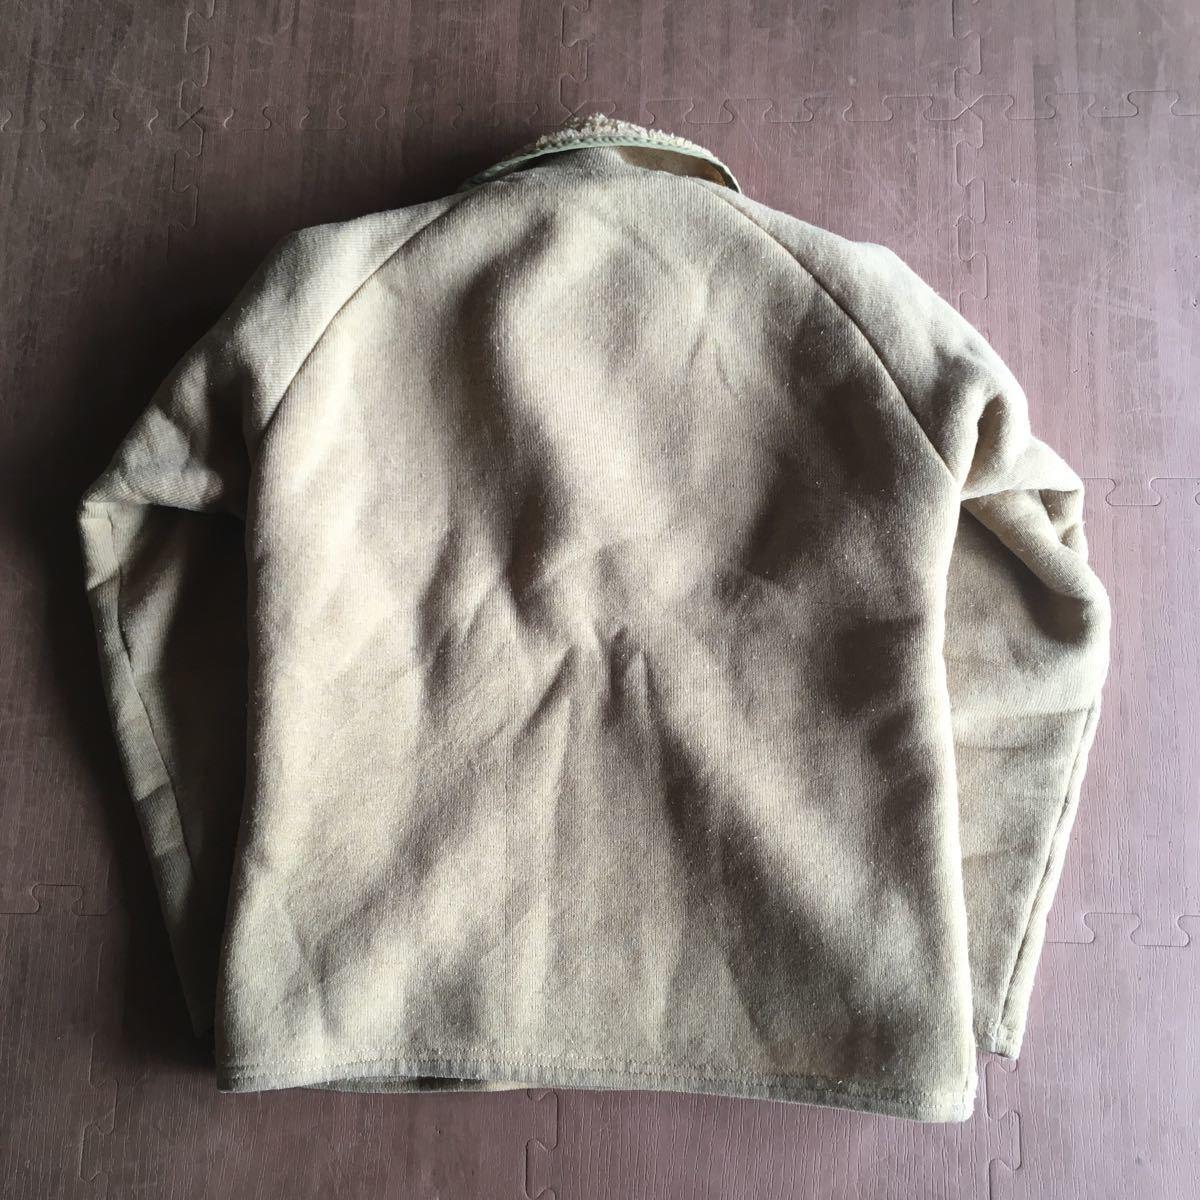 70s patagonia 白タグ パイル プルオーバー ジャケット ビンテージ オリジナル デカタグ vintage YKK / レトロ mars シュイナード サーフ_画像7